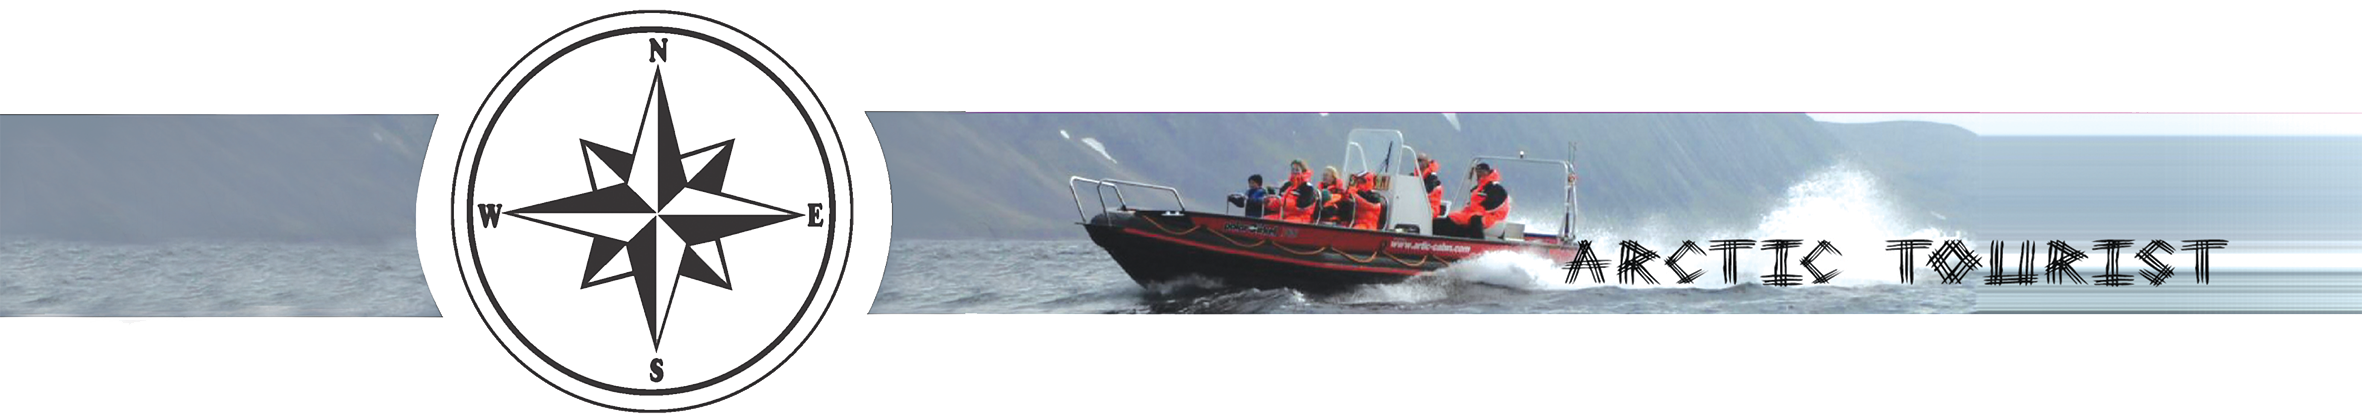 Arctic Tourist